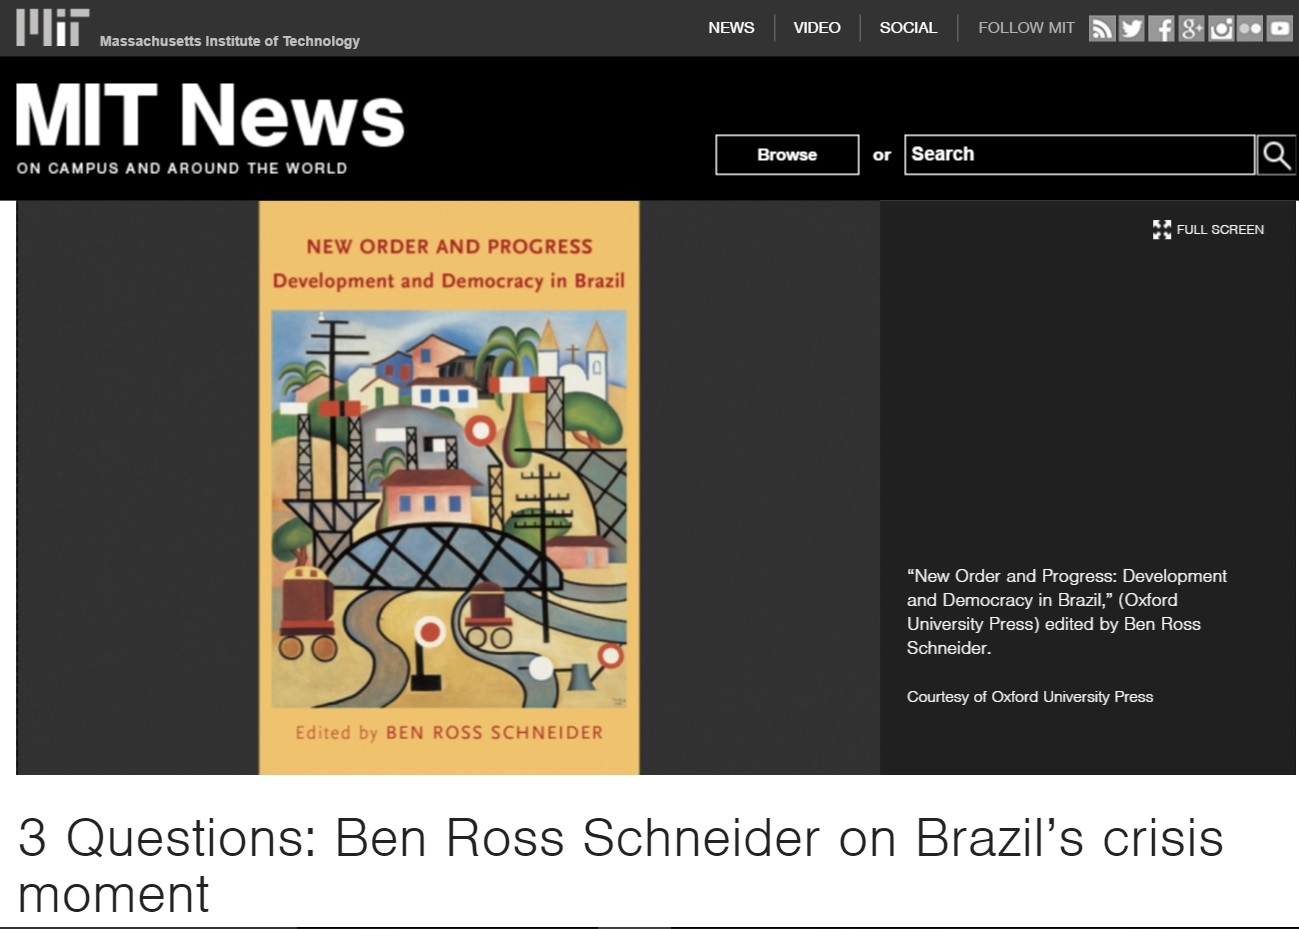 Corrupção no Brasil é maior de que qualquer pessoa suspeitava, diz diretor do MIT